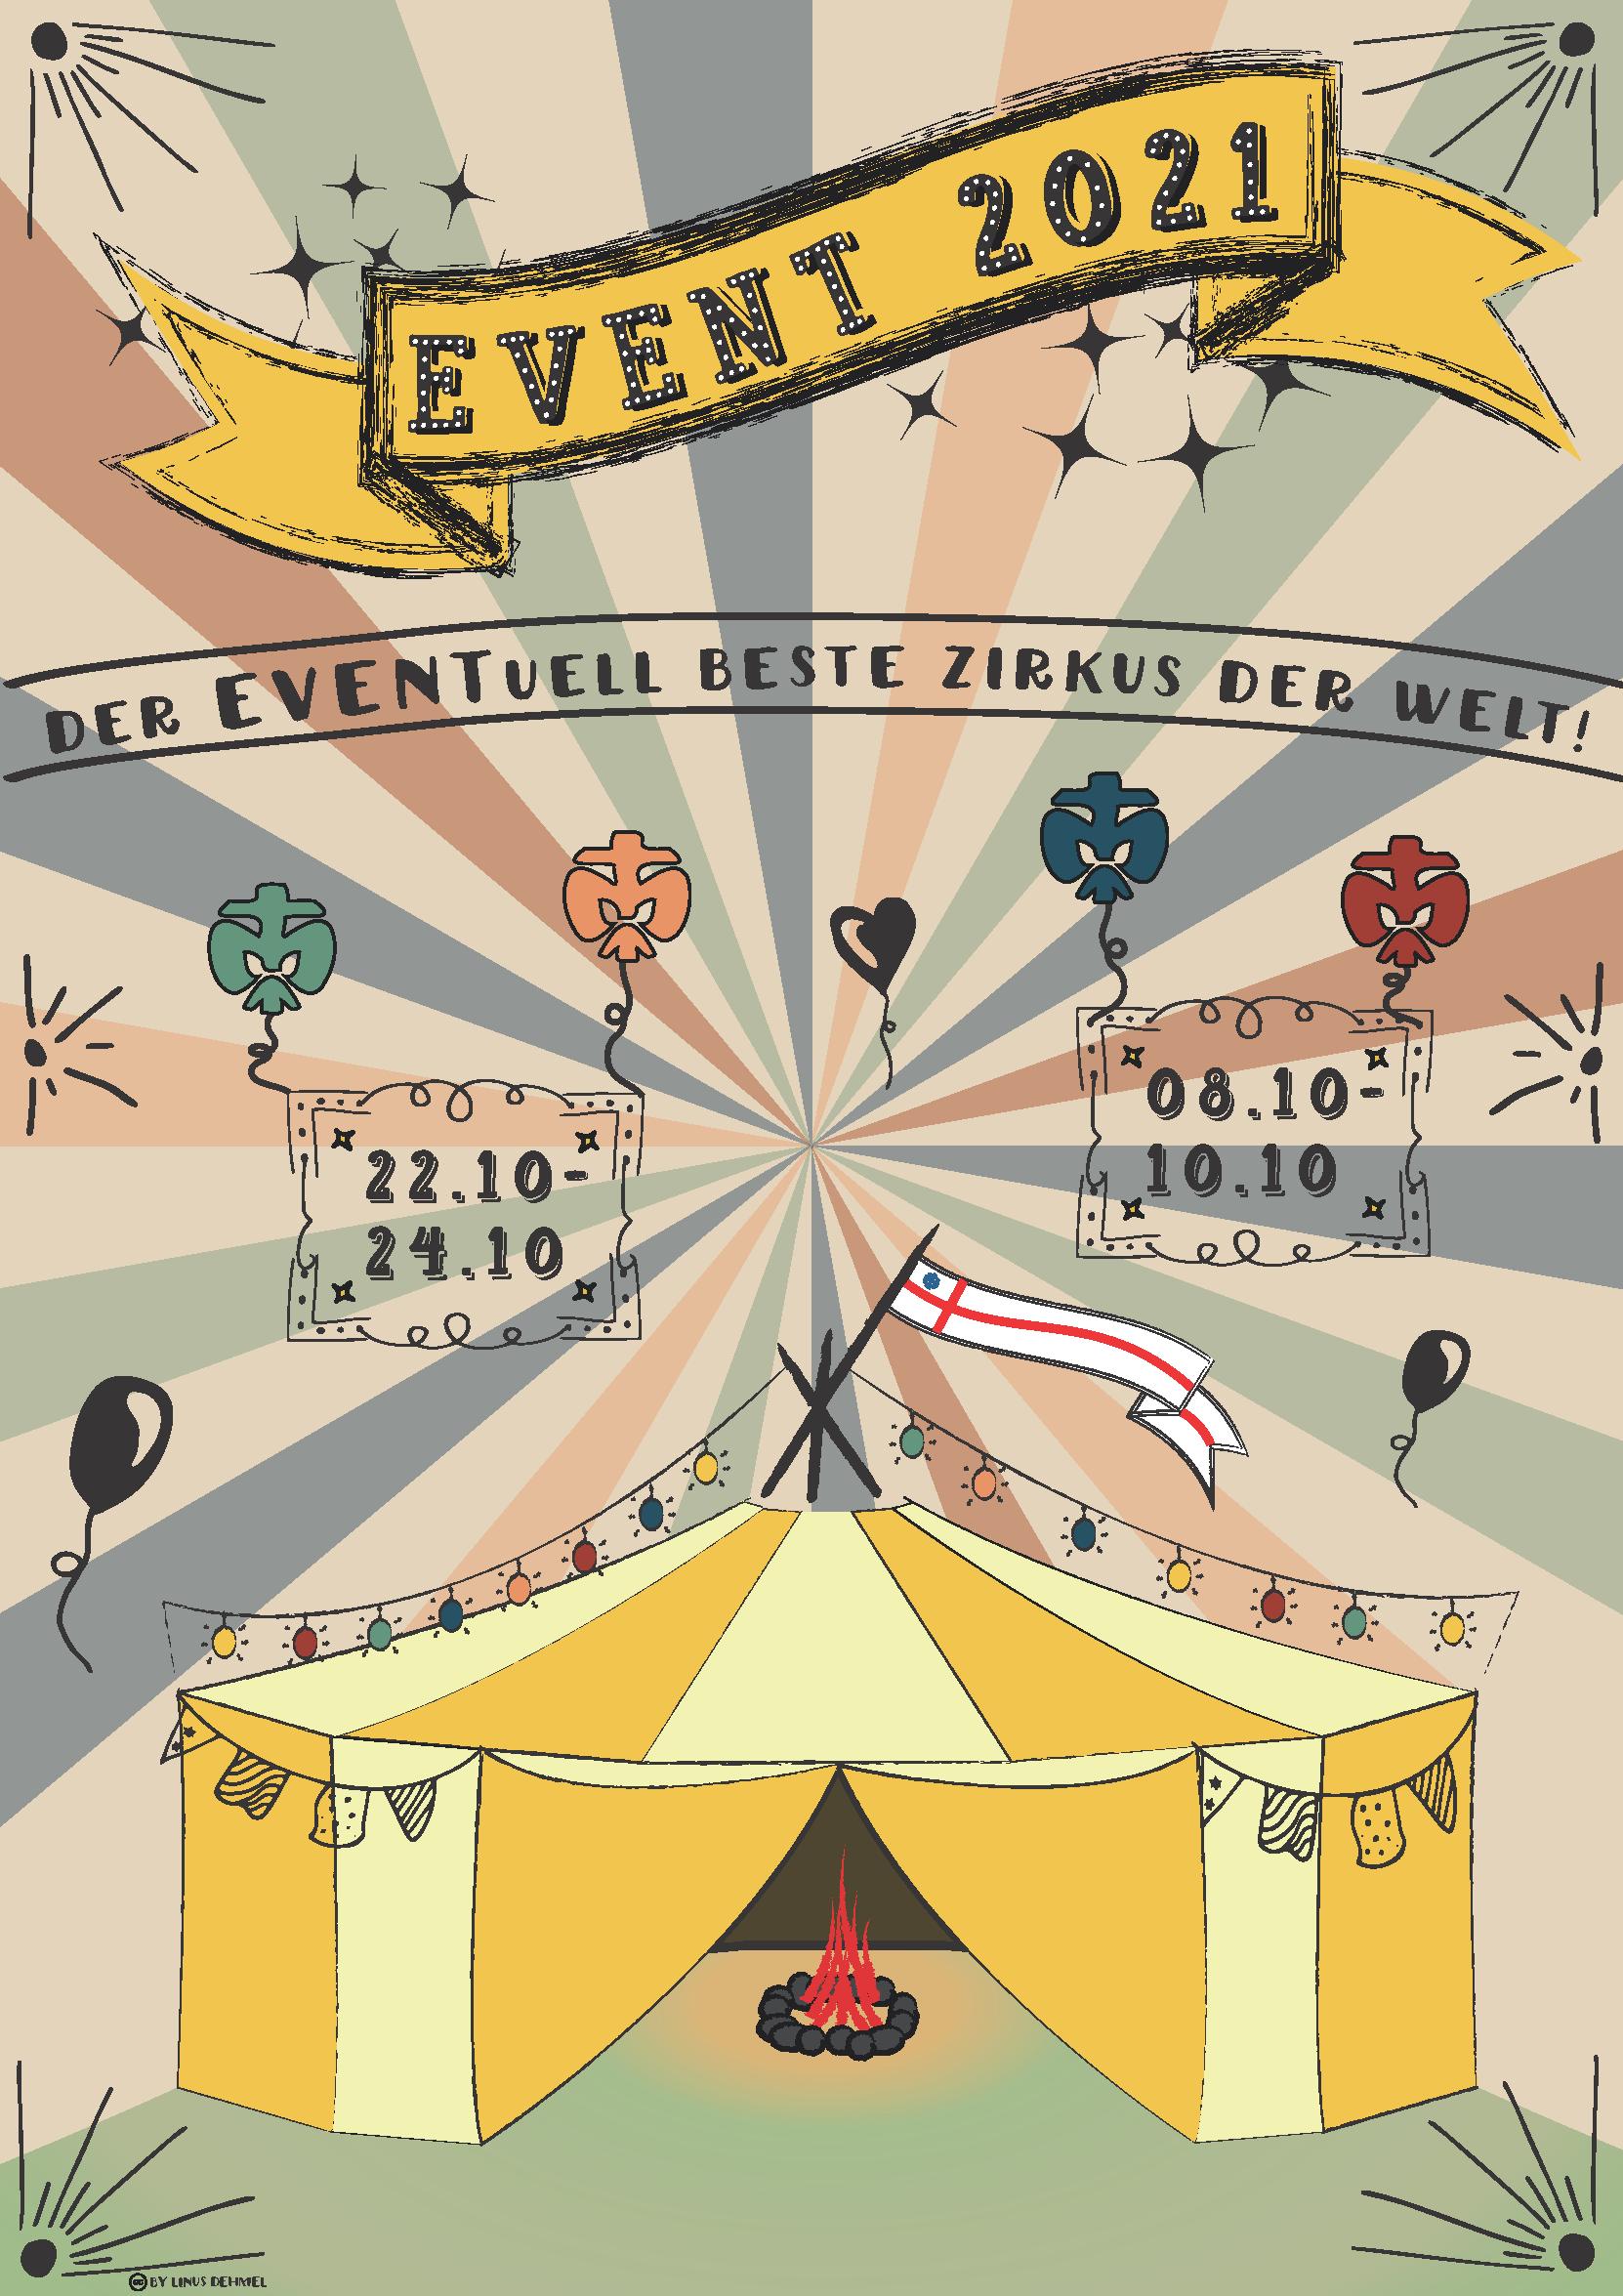 EVENT - Der EVENTuell beste Zirkus der Welt!